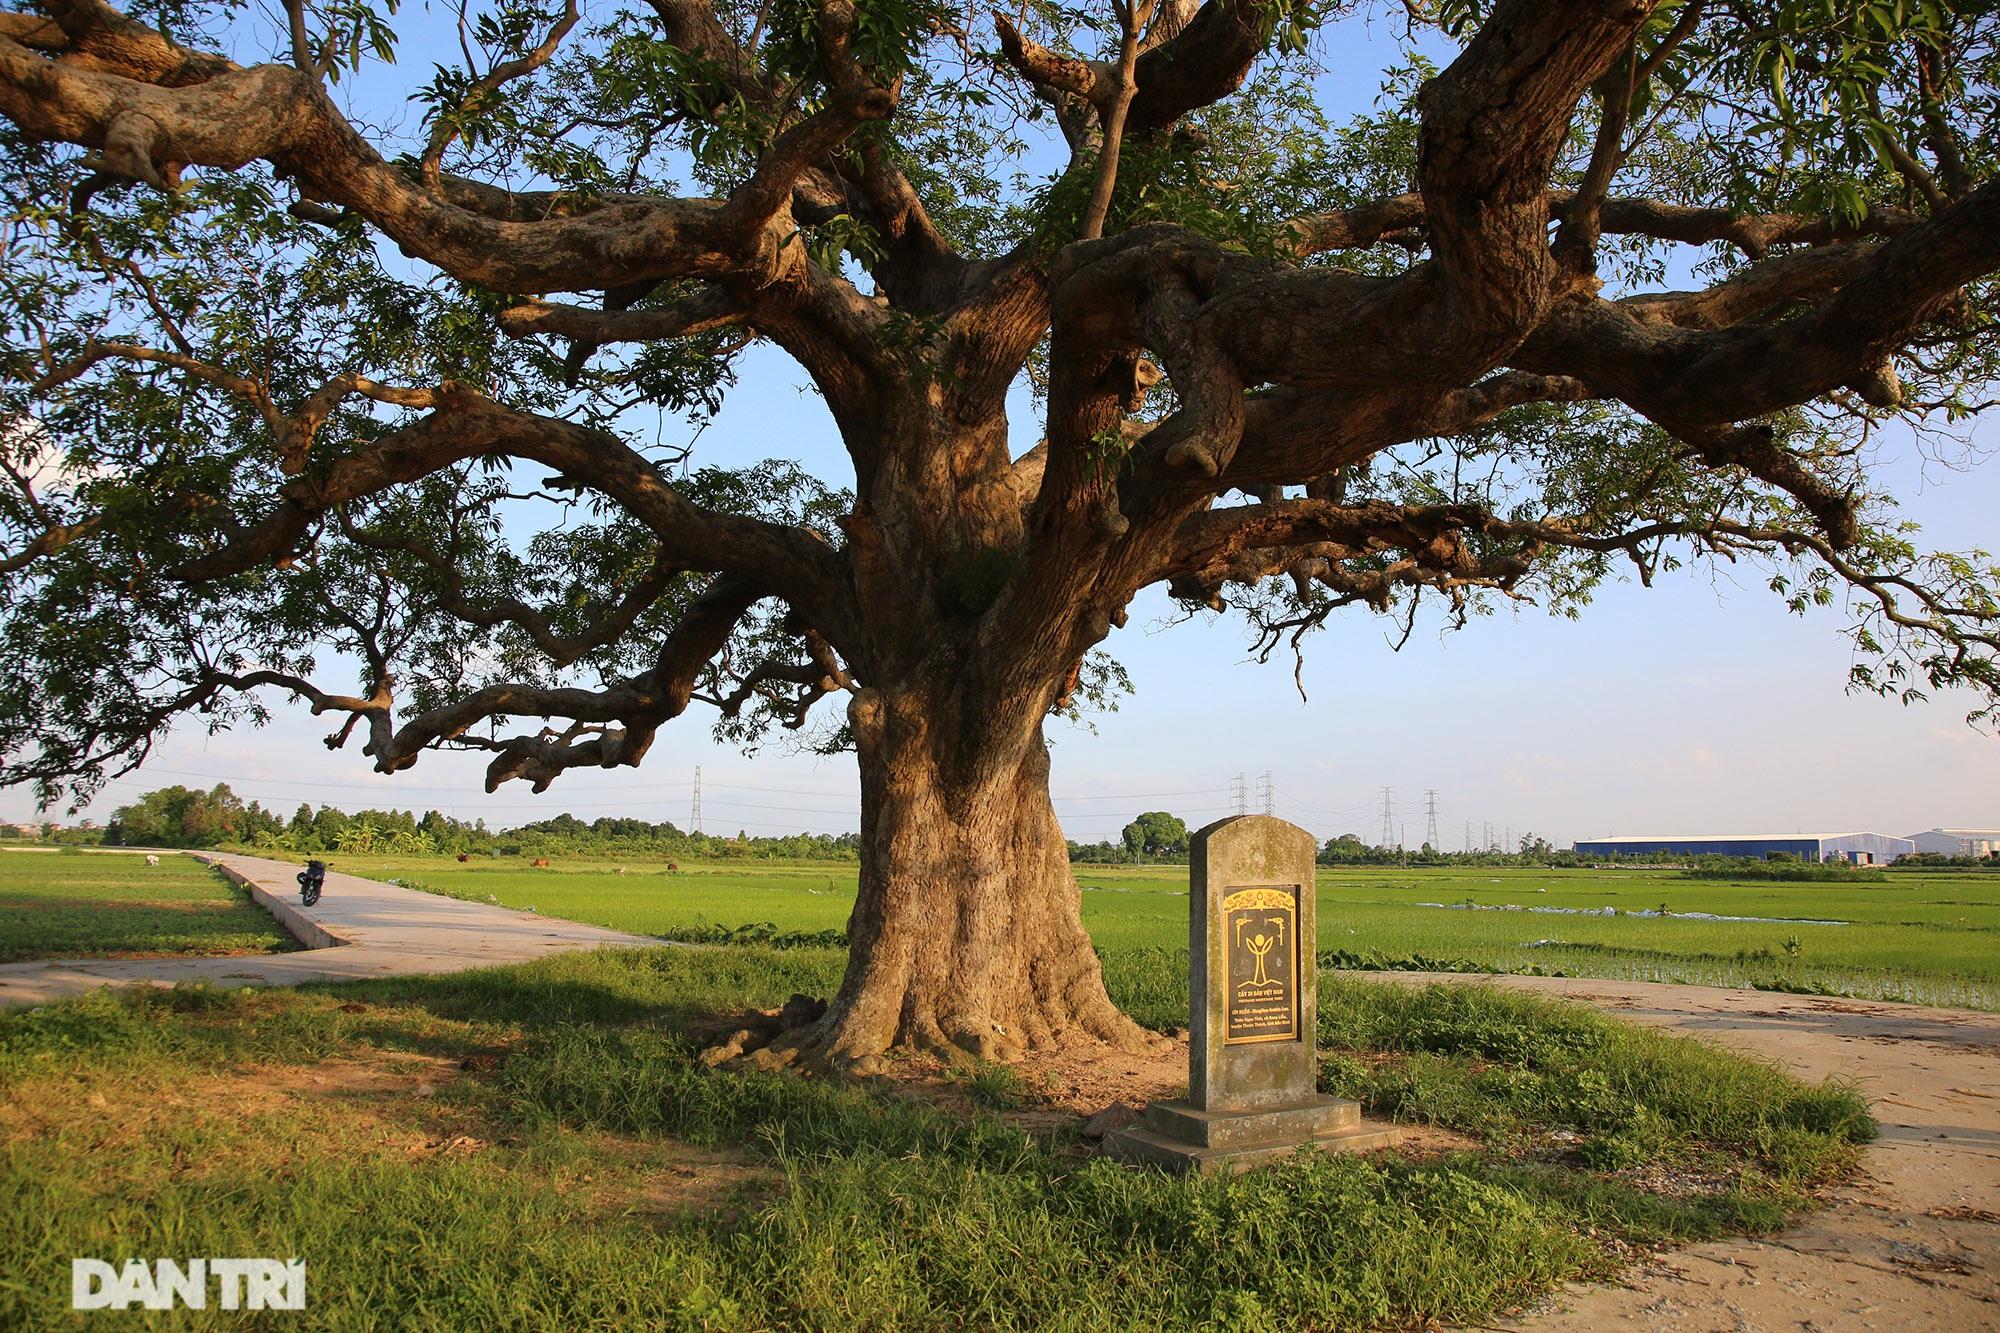 Cây muỗm 600 năm tuổi có nguy cơ chết khô vì bị quây bê tông quanh gốc - 2